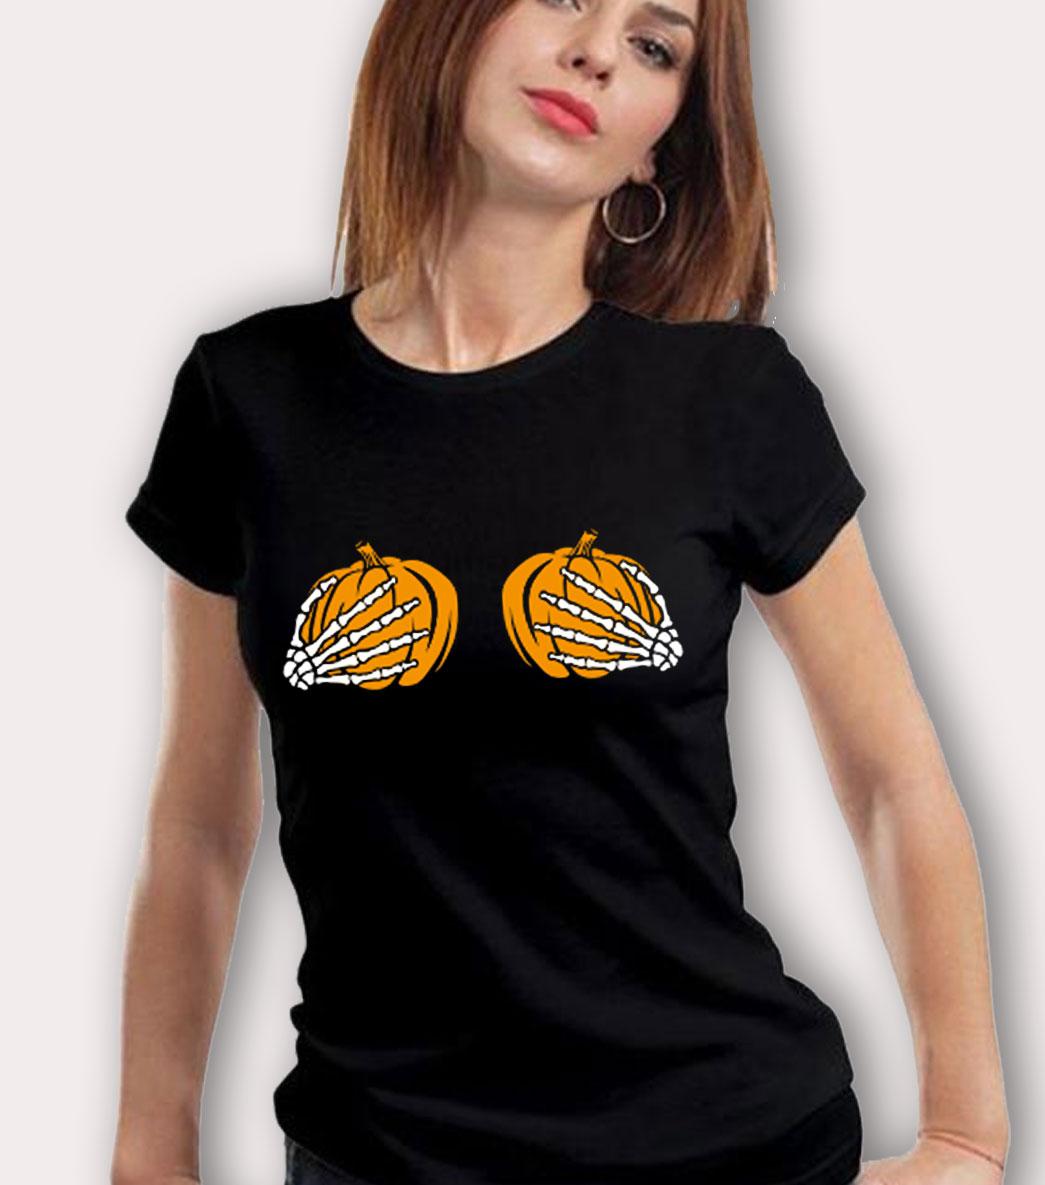 d8e10da1c Cheeky Woman's Pumpkin Breast Halloween T Shirt - HotVero